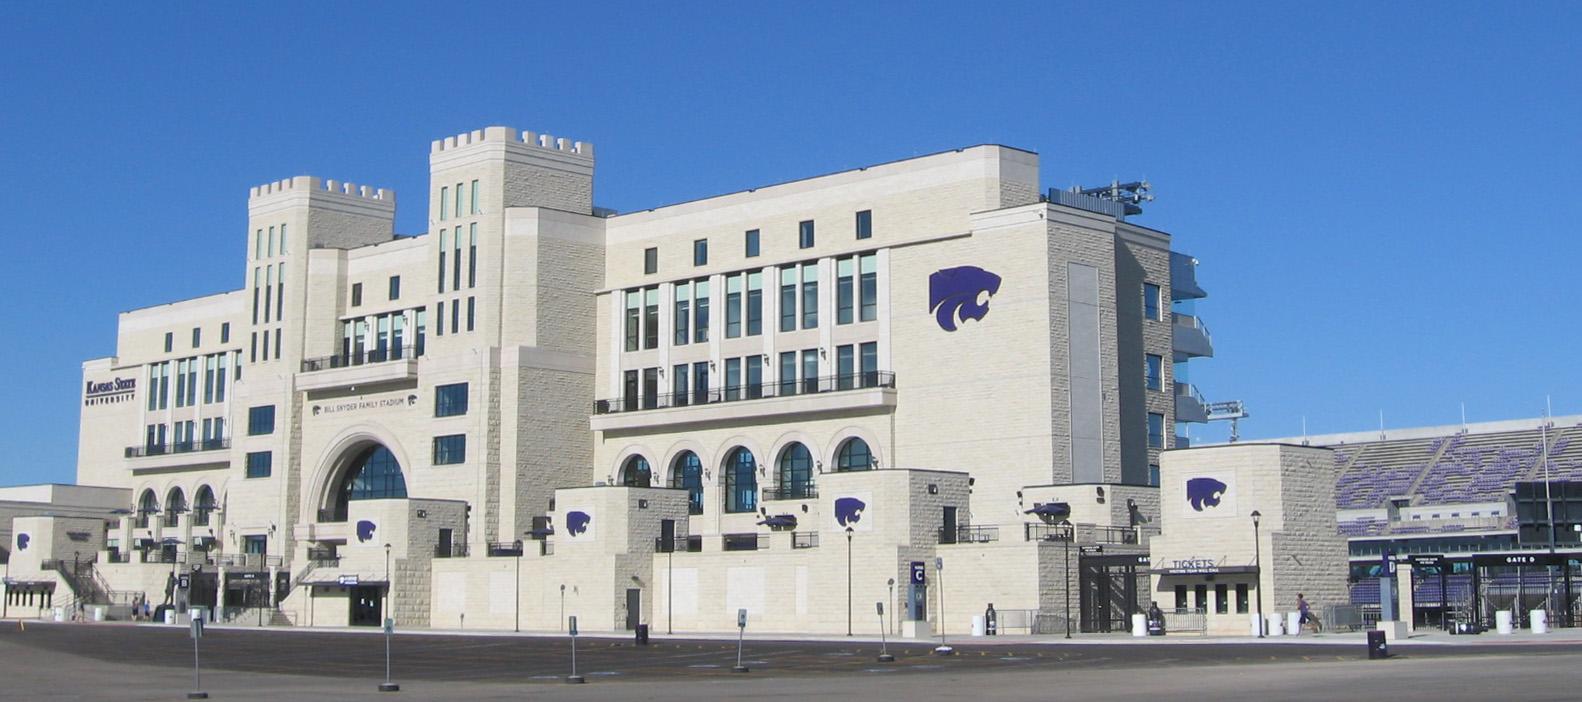 Snyder Stadium on the KSU campus in Manhattan, Kansas